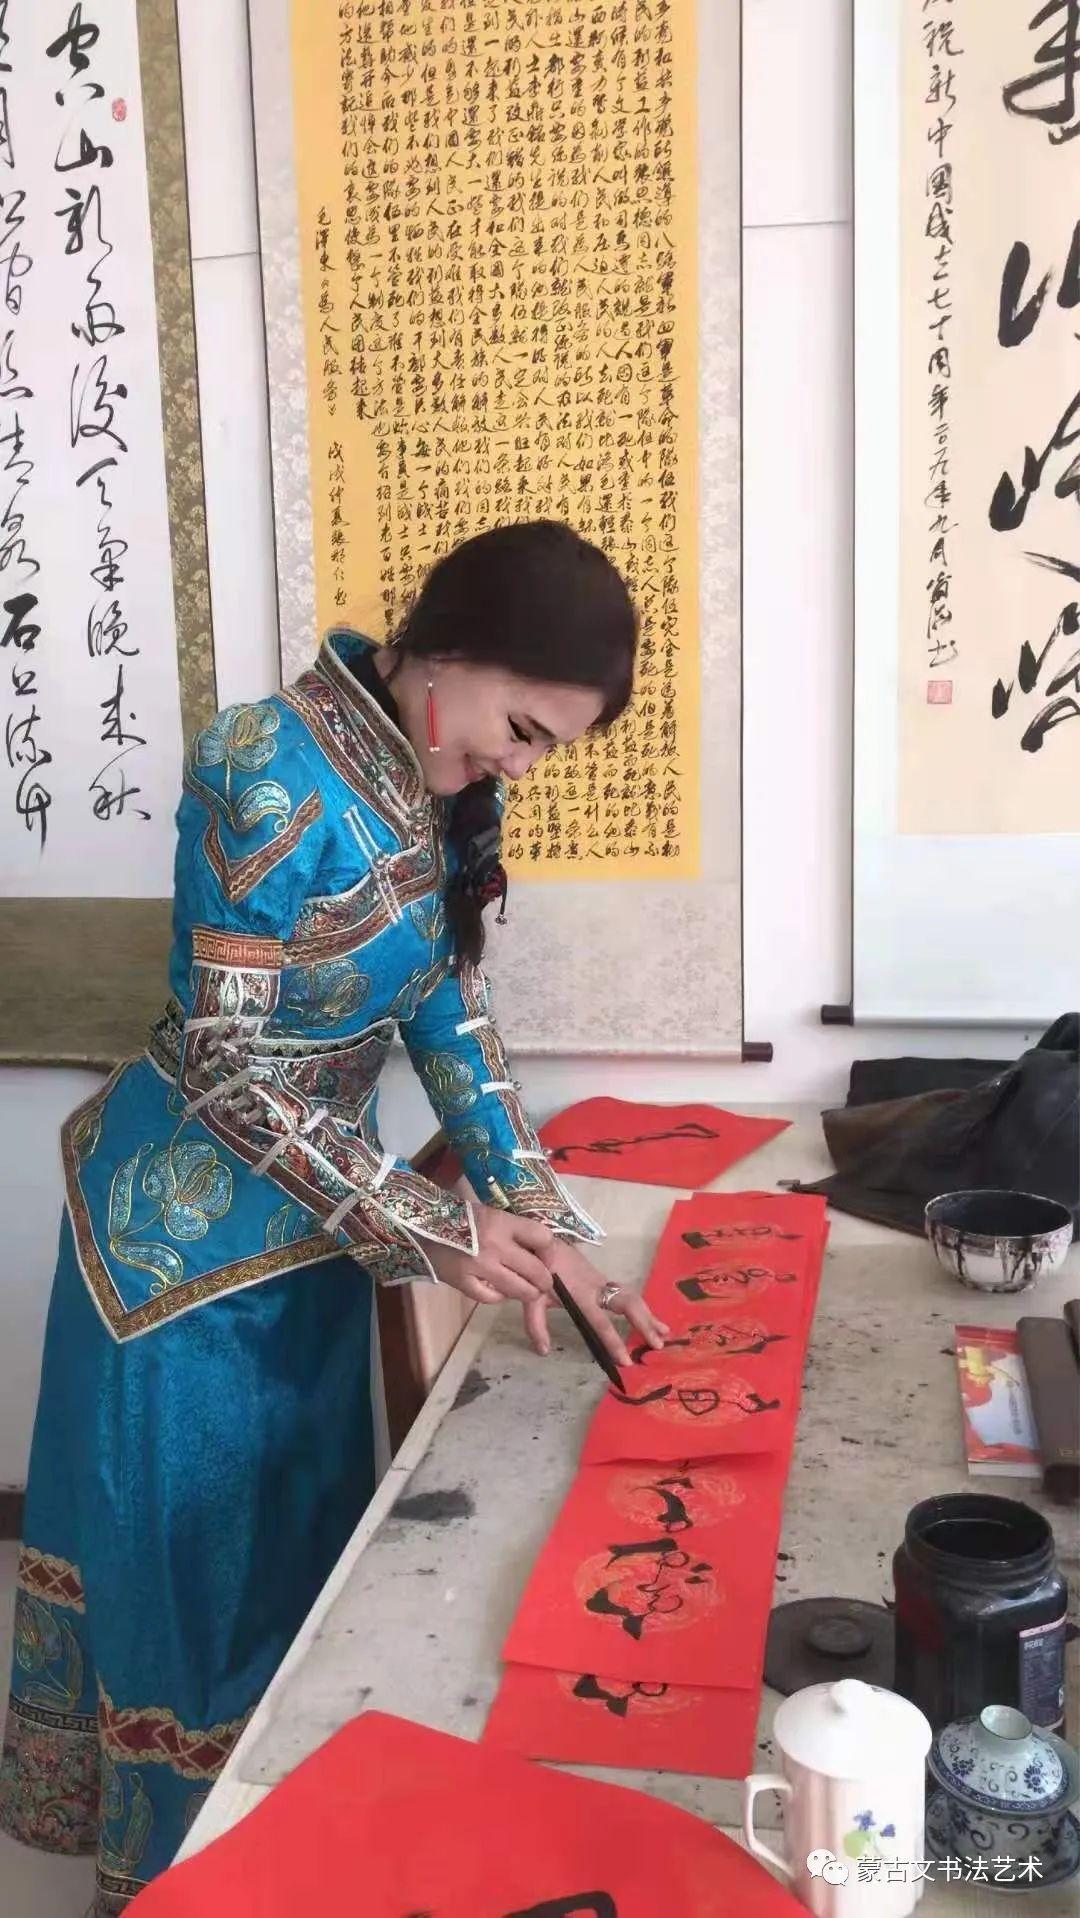 蒙古文春联欣赏(白苏雅拉)